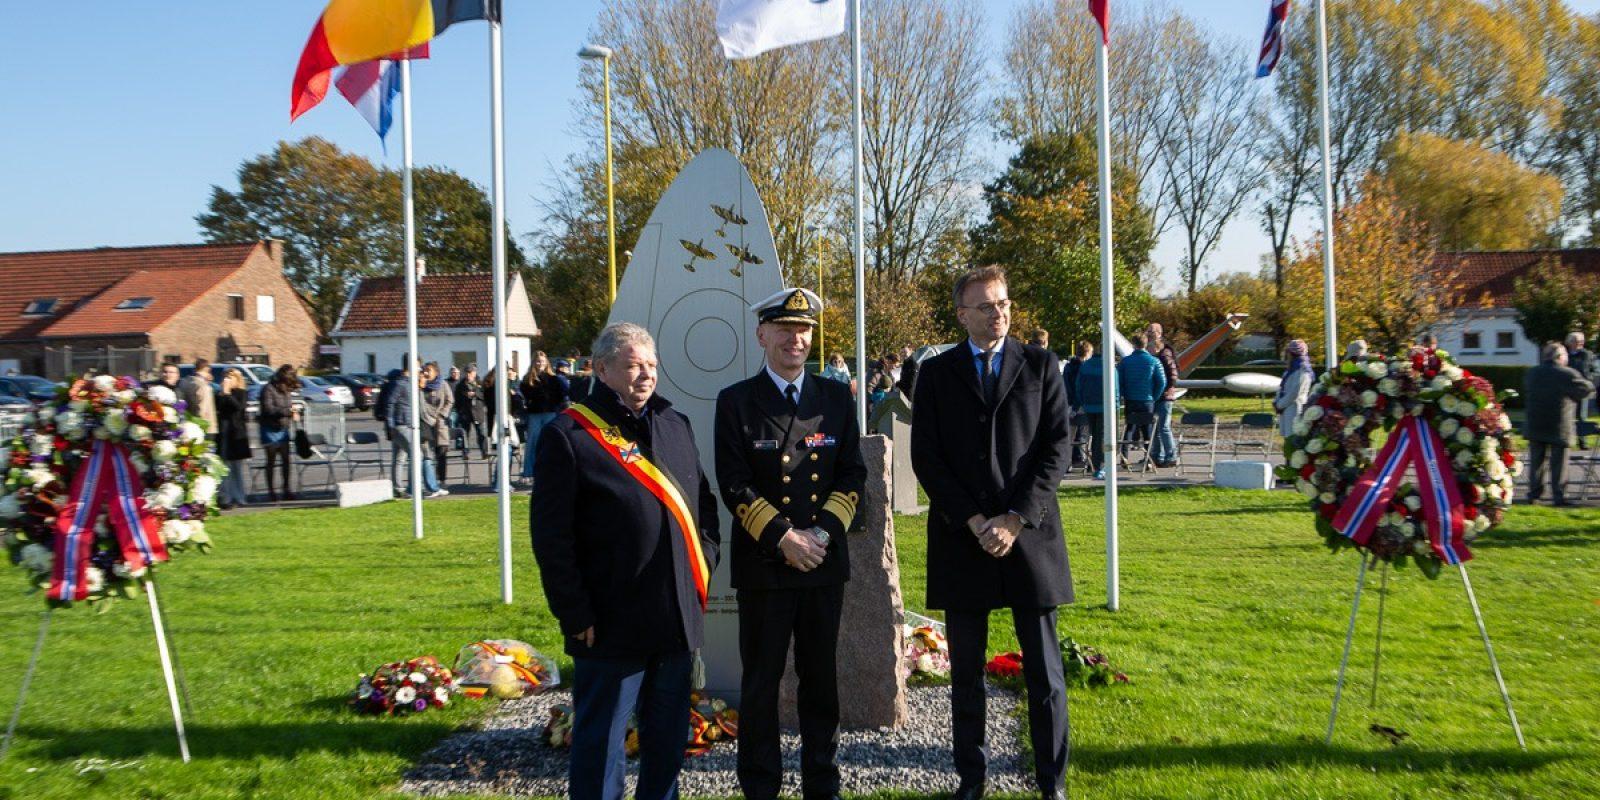 Burgemeester Chris Selleslagh, ambassadeur Per Strand Sjaastad en vice-admiraal Ketil Olsen bij het monument.